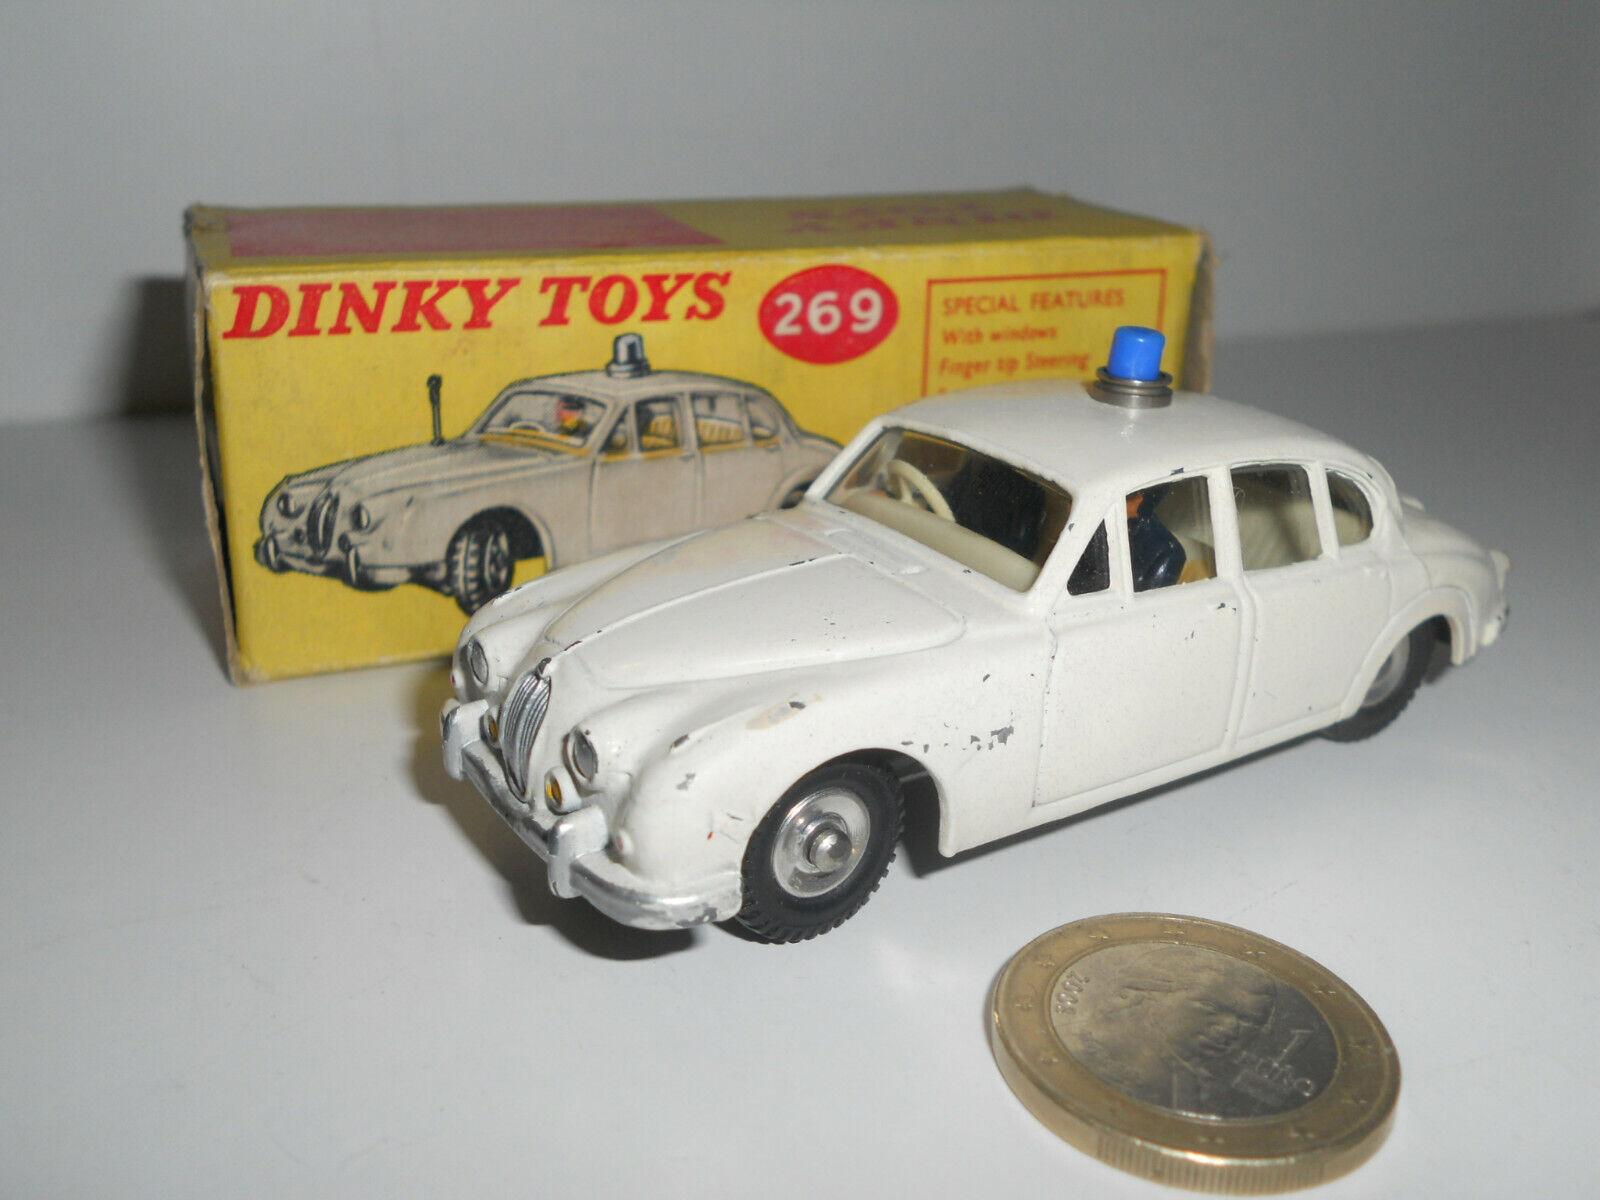 DINKY leksakS JAGUAR MOTORway POLICE CAR N RÖST